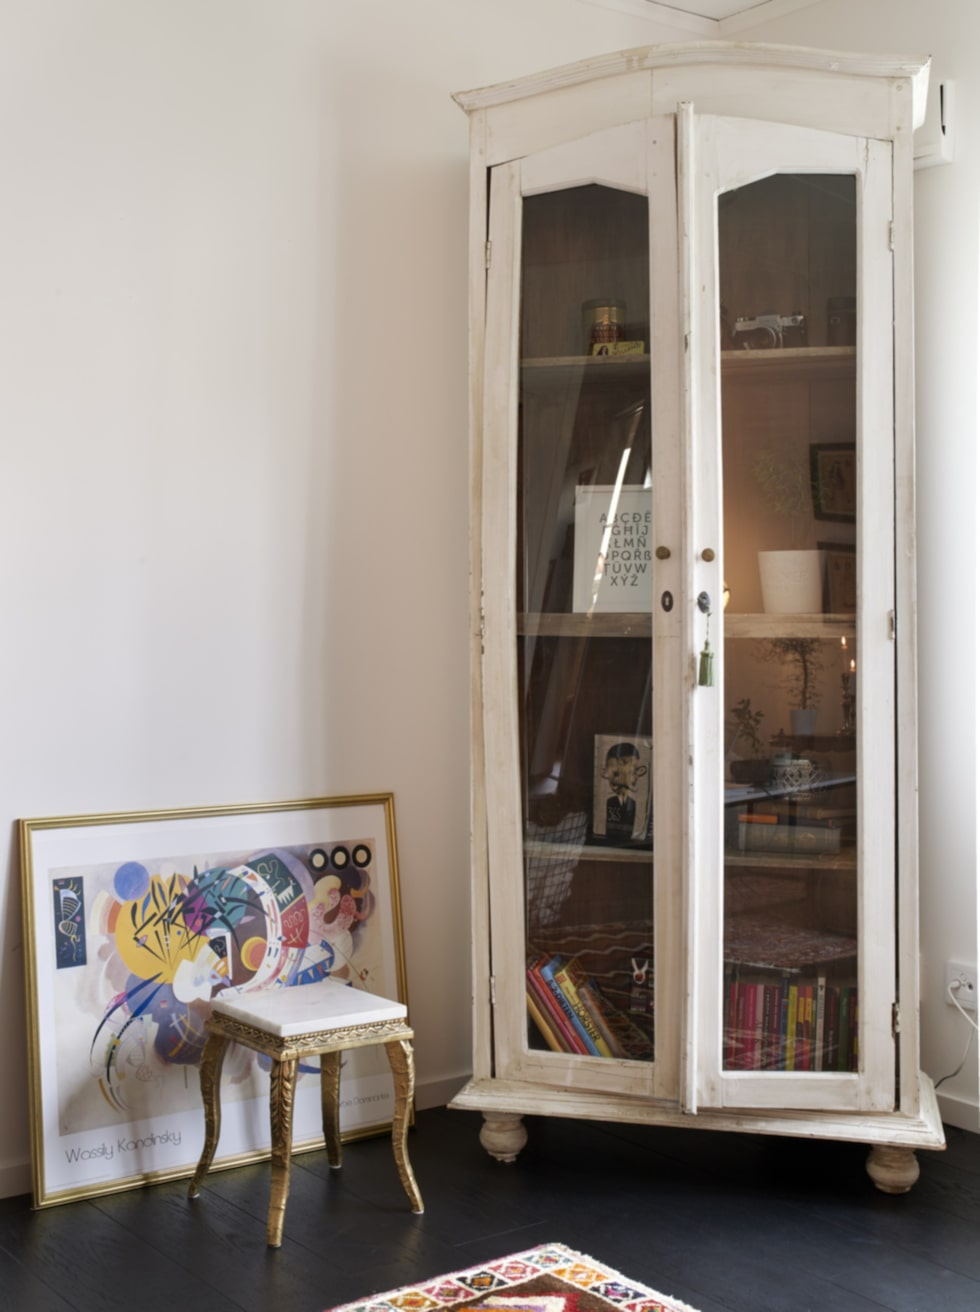 Vitt skåp. Lovisa gillar färg. Det äldre skåpet, som fyndades billigt på Blocket, är en av få vita möbler i hemmet. Eftersom det hade så fin patina fick det behålla sin vita färg.